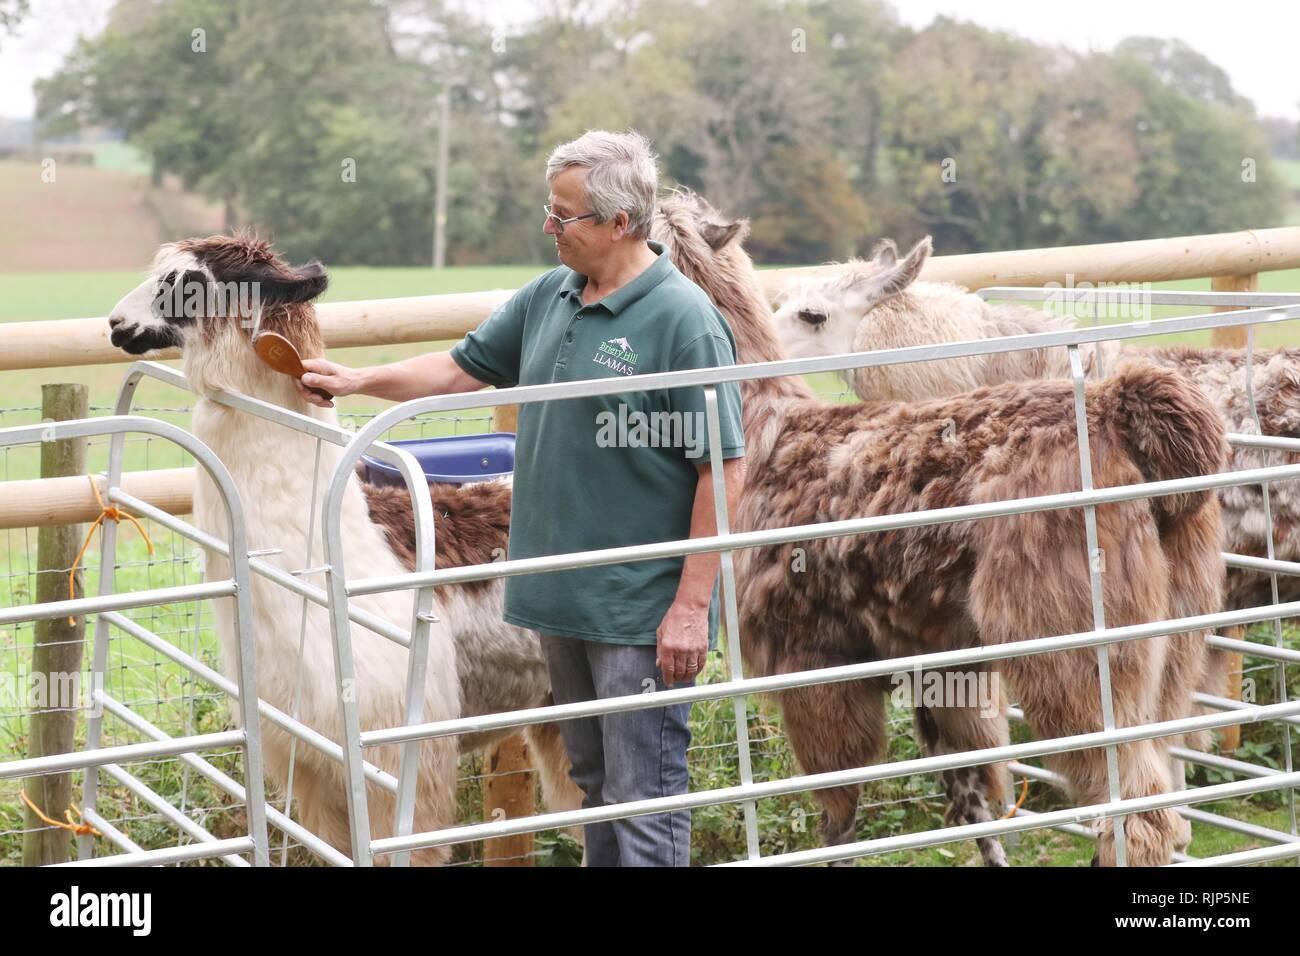 Steve Fox brushing a llama - Stock Image